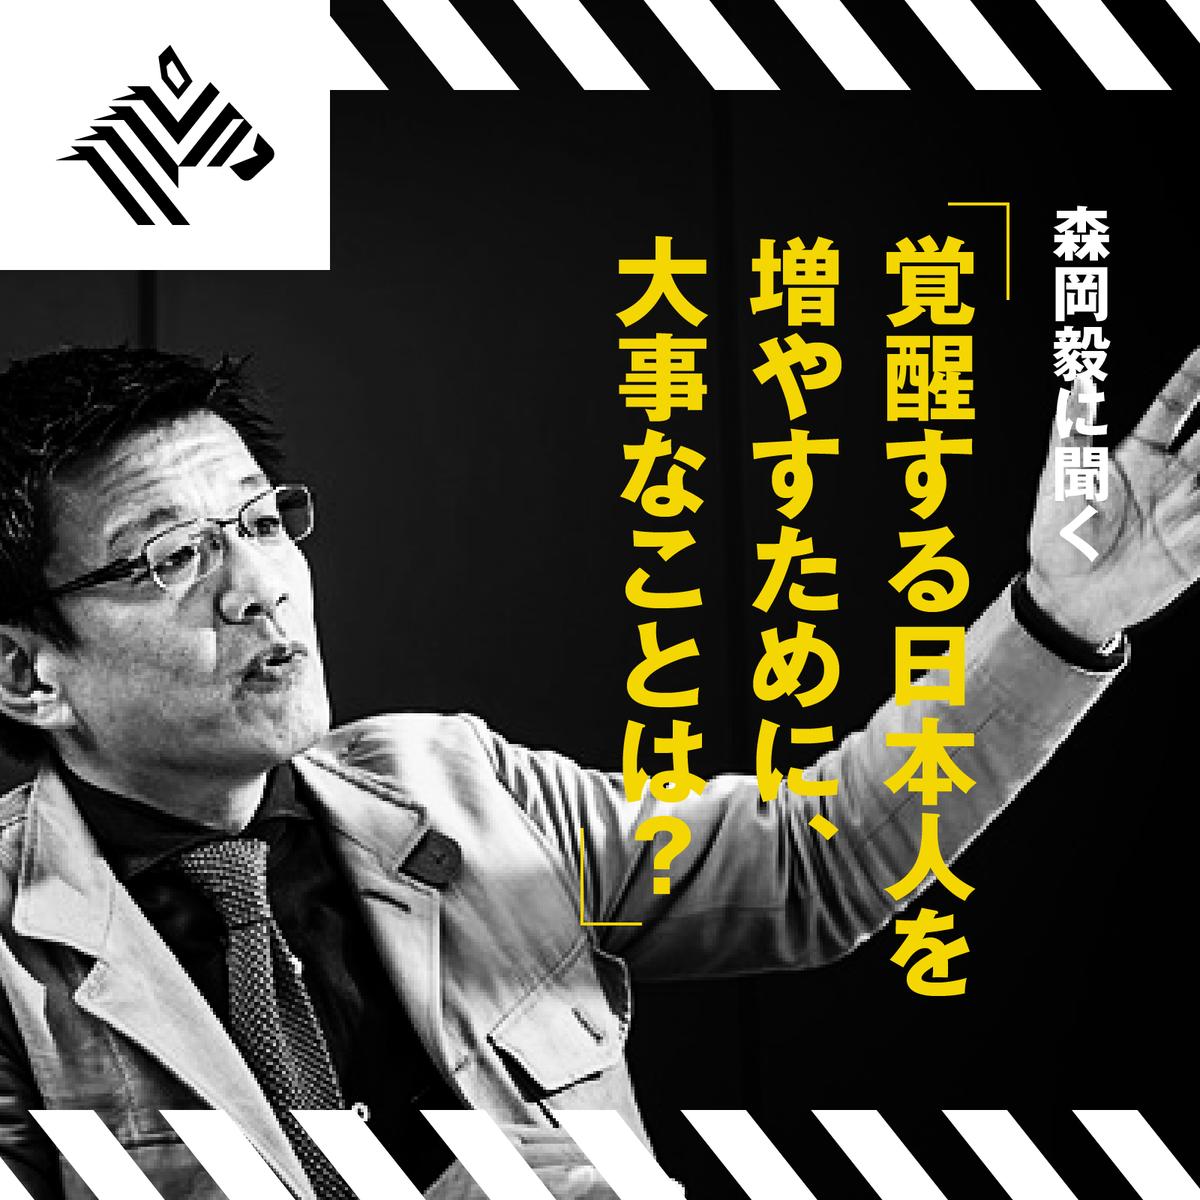 「覚醒する日本人を増やすために、大事なことは何でしょうか?」この問いに、今年4月、刀CEO森岡毅さんが答えてくれました。インタビュー全編を読む 👉